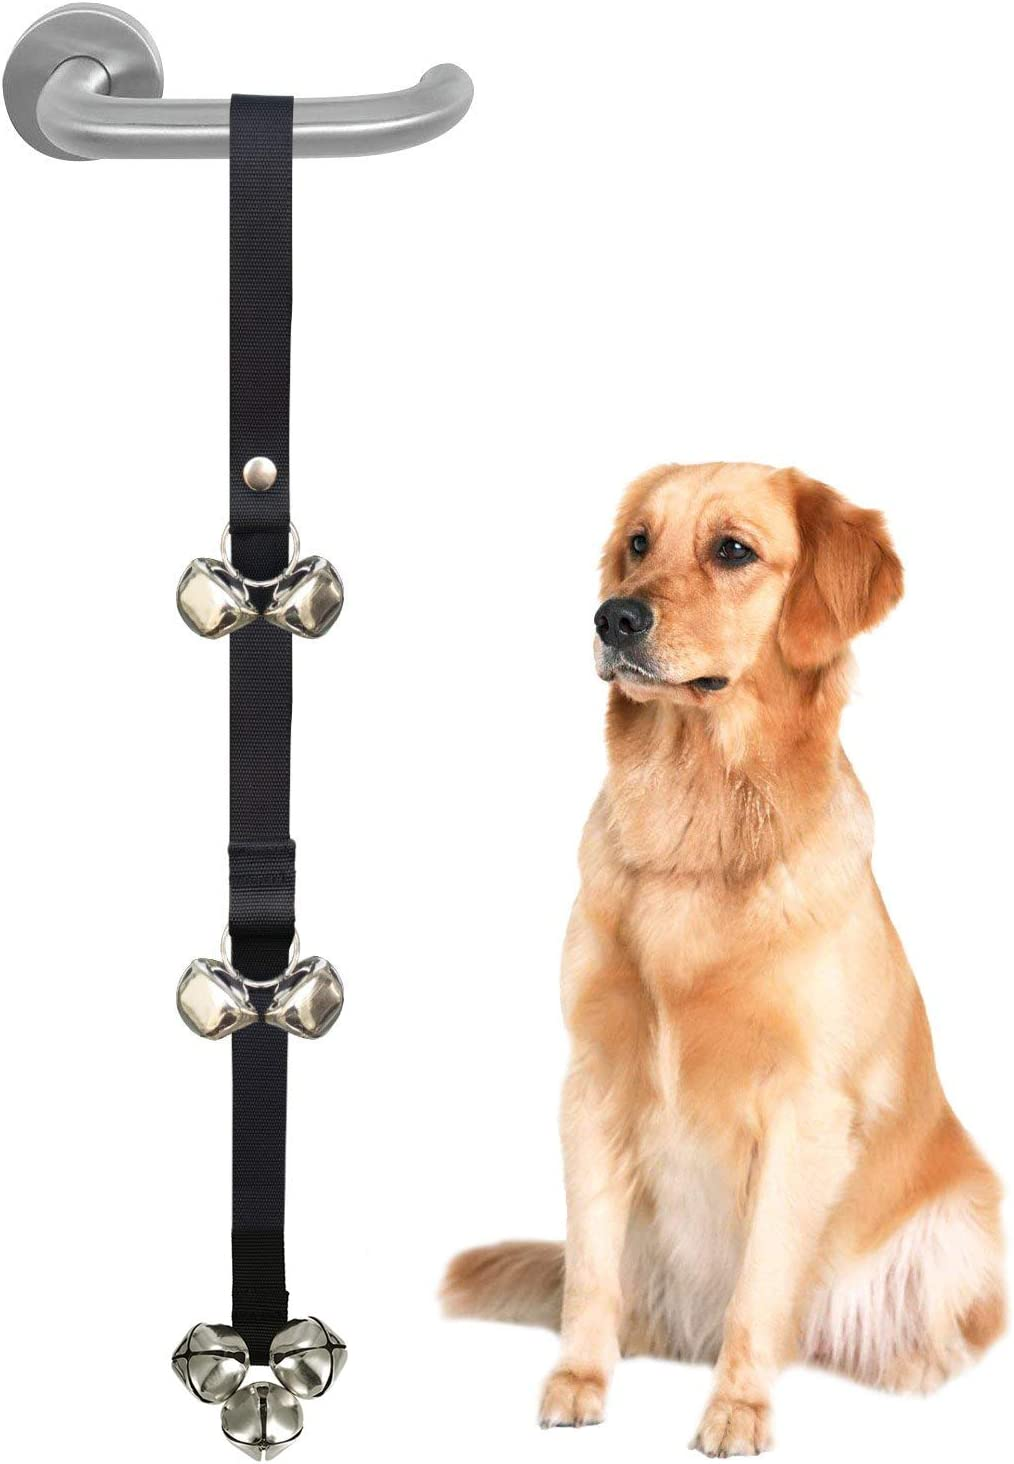 DOYOO 2 Pack Dog Doorbells Premium Quality Training Great Dog Bells Adjustable Door Bell Dog Bells for Potty Training Your Puppy The Way Premium Quality 7 Extra Large Loud 1.4 DoorBells